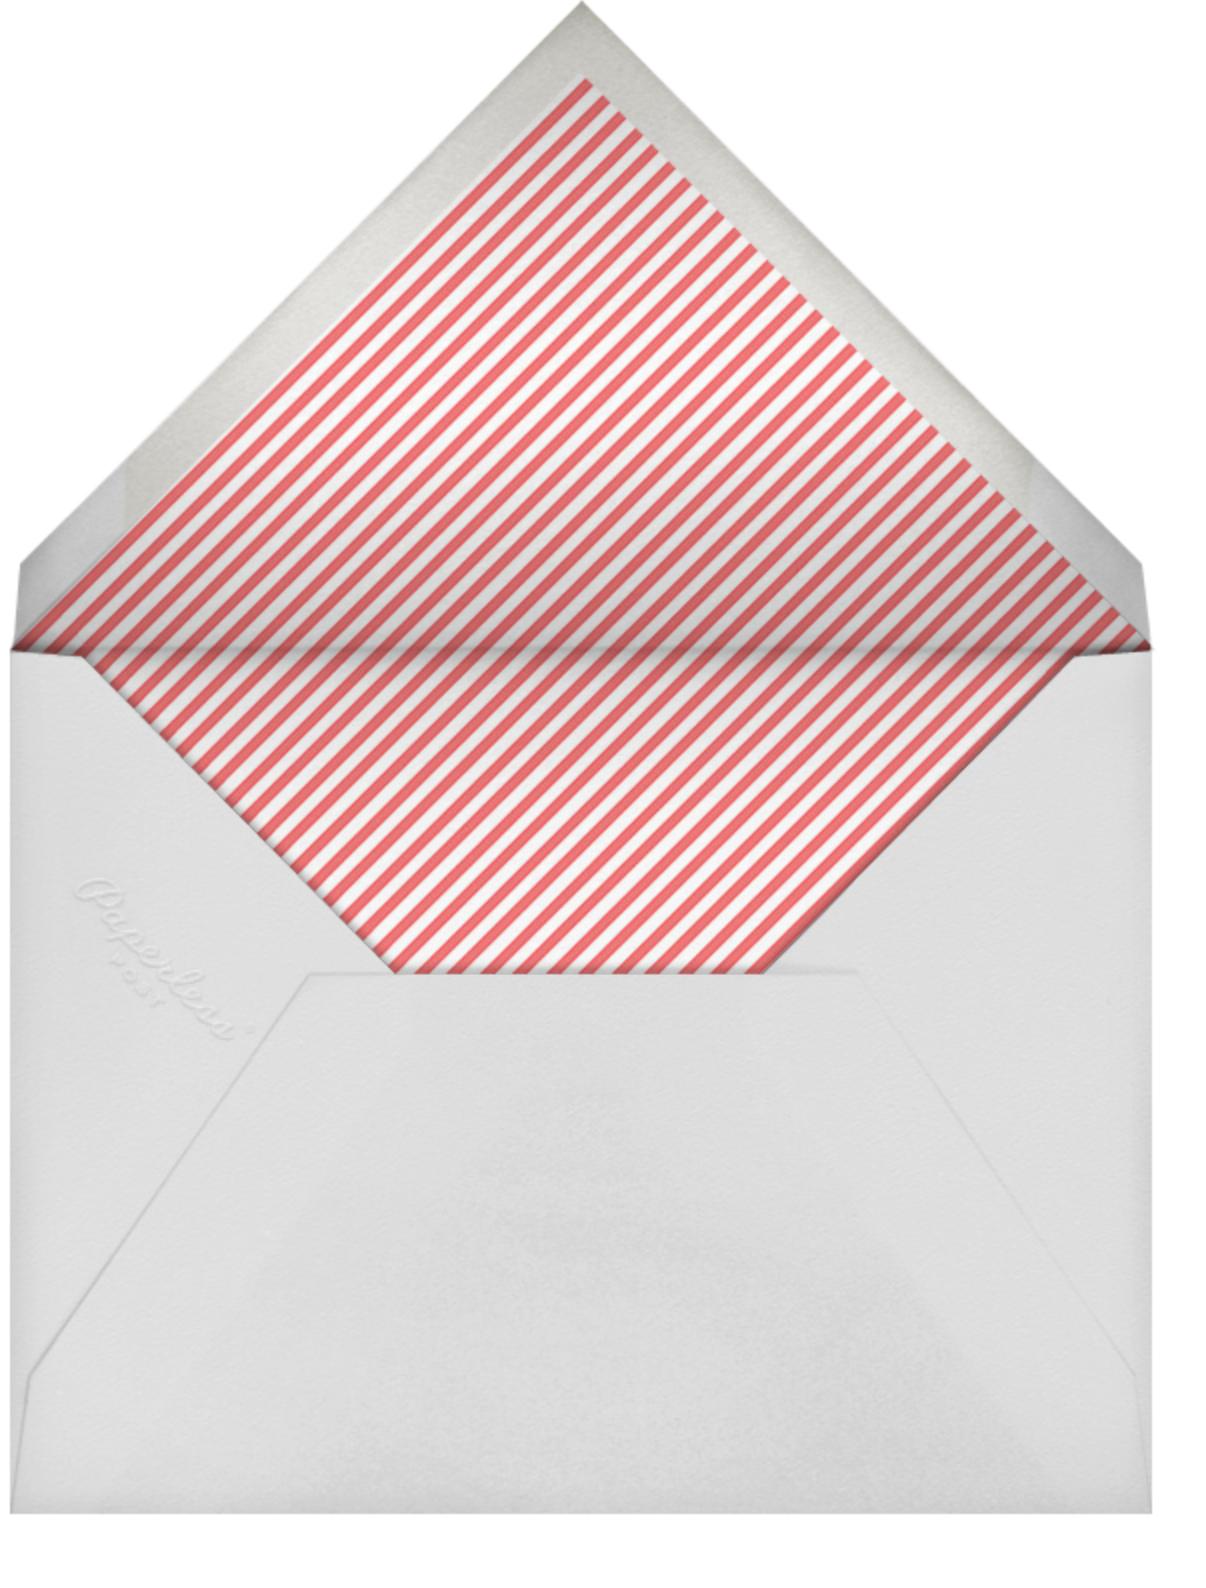 Born in Rose Garden - Blues - Mr. Boddington's Studio - Baby shower - envelope back